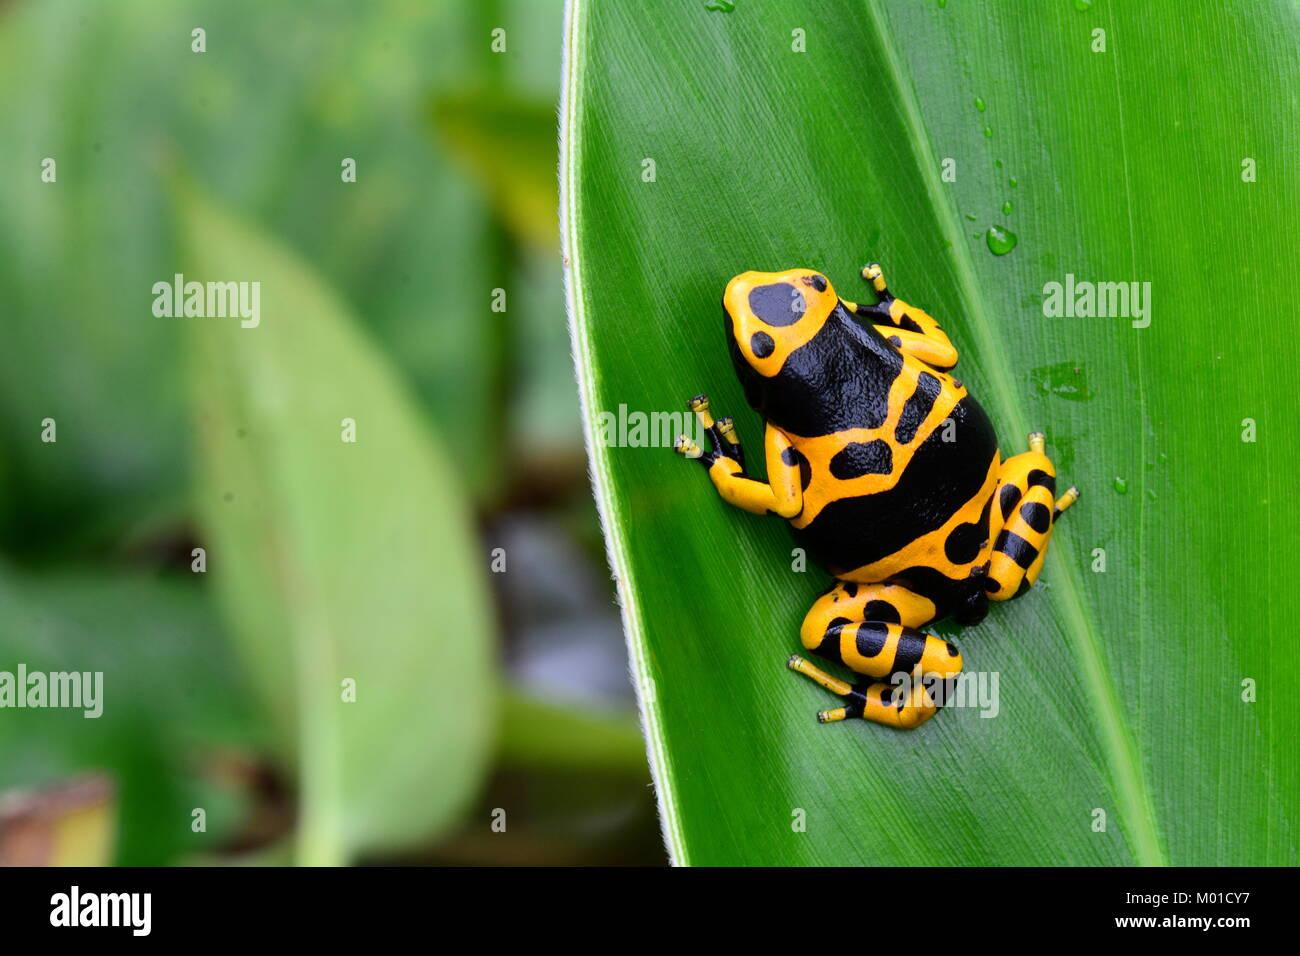 Un bel po' di Bumble Bee veleno colorato dart frog si siede su una foglia di pianta nei giardini. Immagini Stock